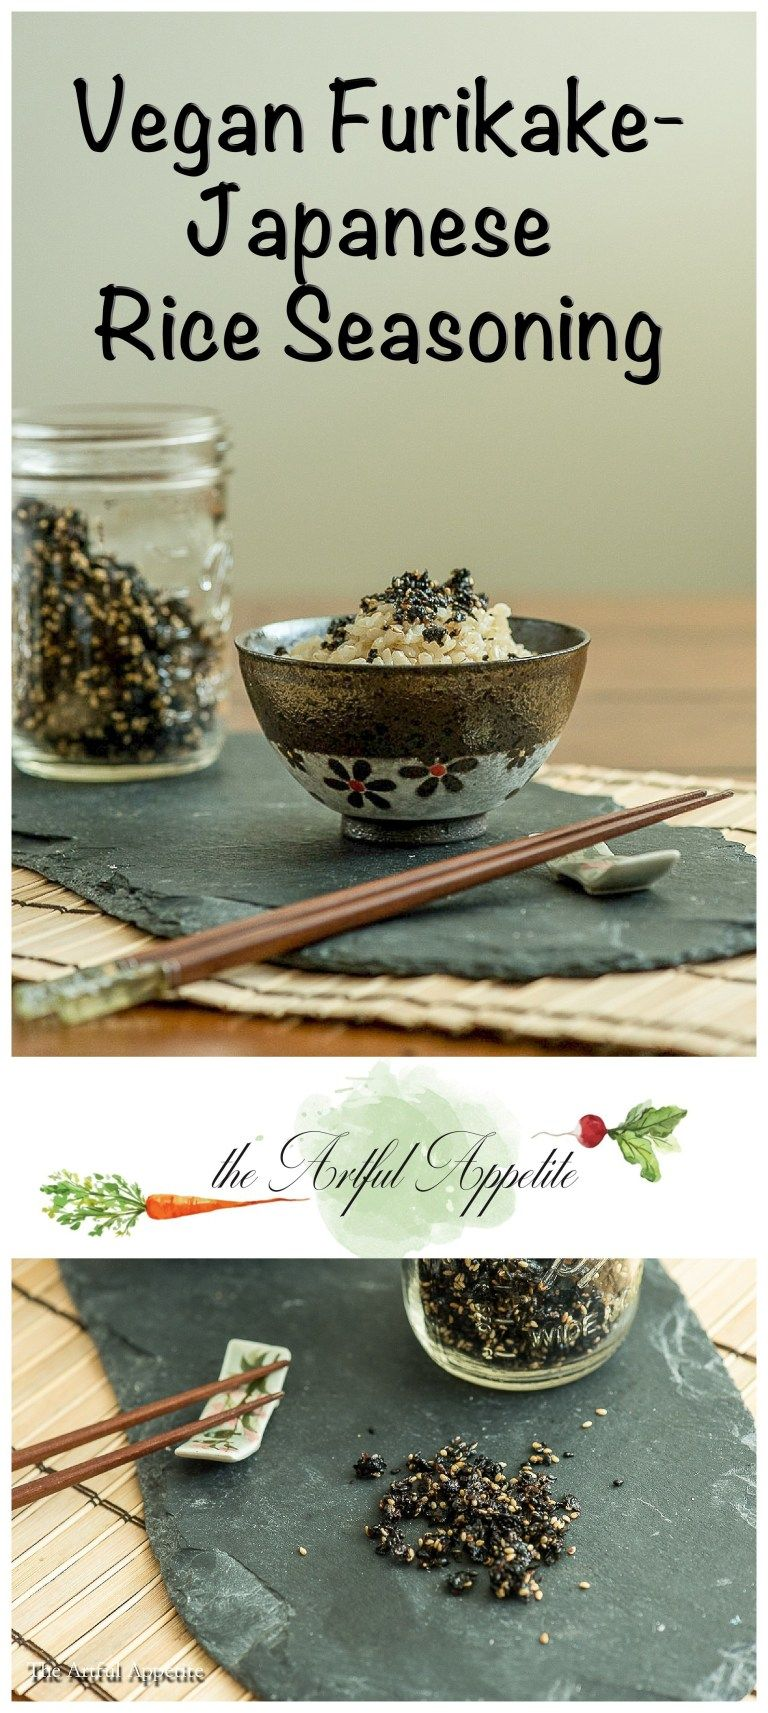 Vegan Furikake Japanese Rice Seasoning Recipe